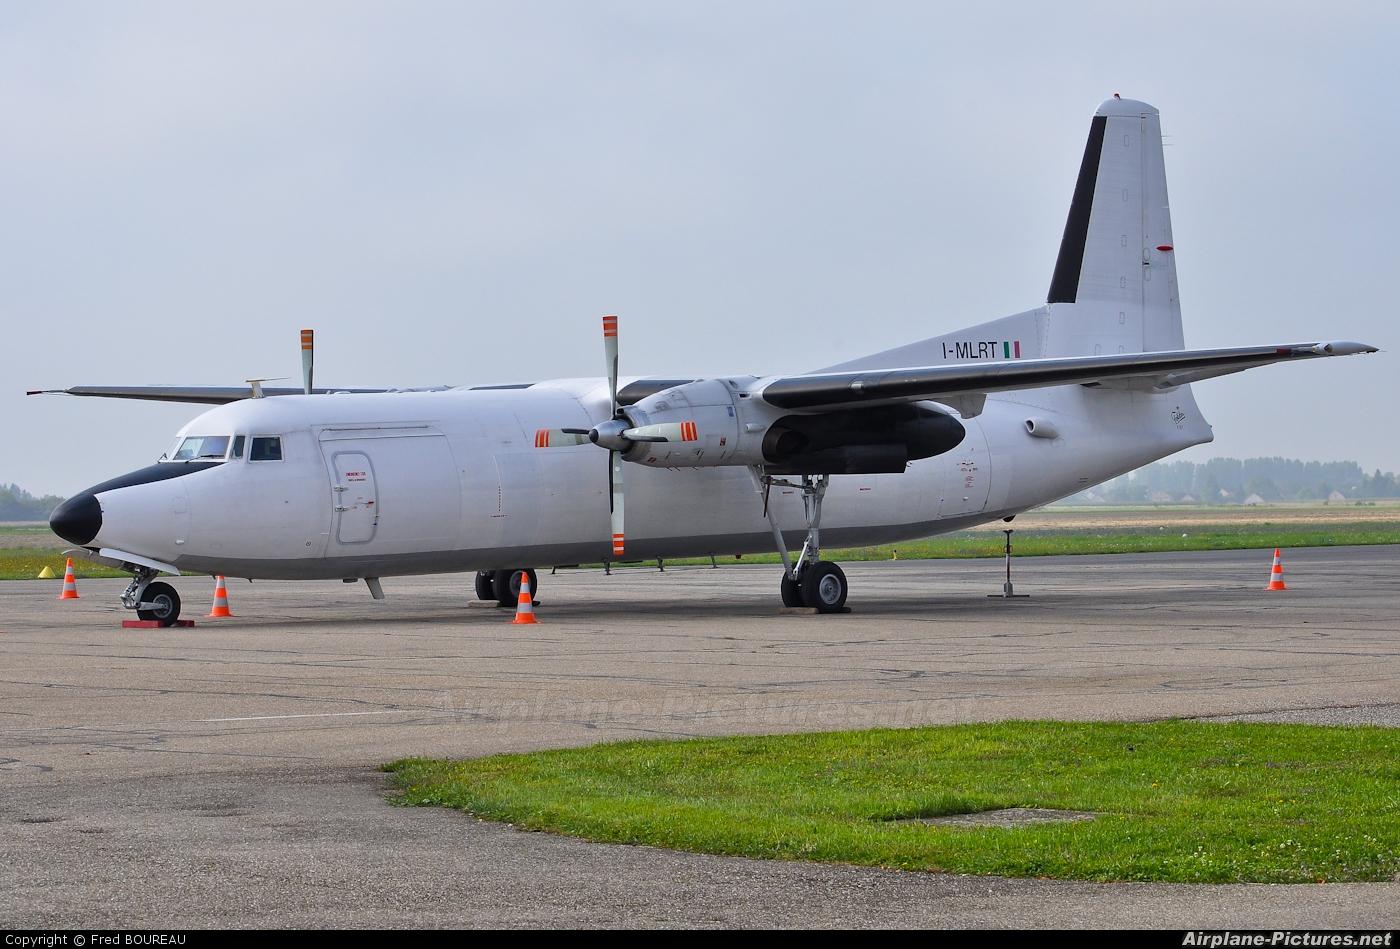 Europe Airpost I-MLRT aircraft at Dole - Jura